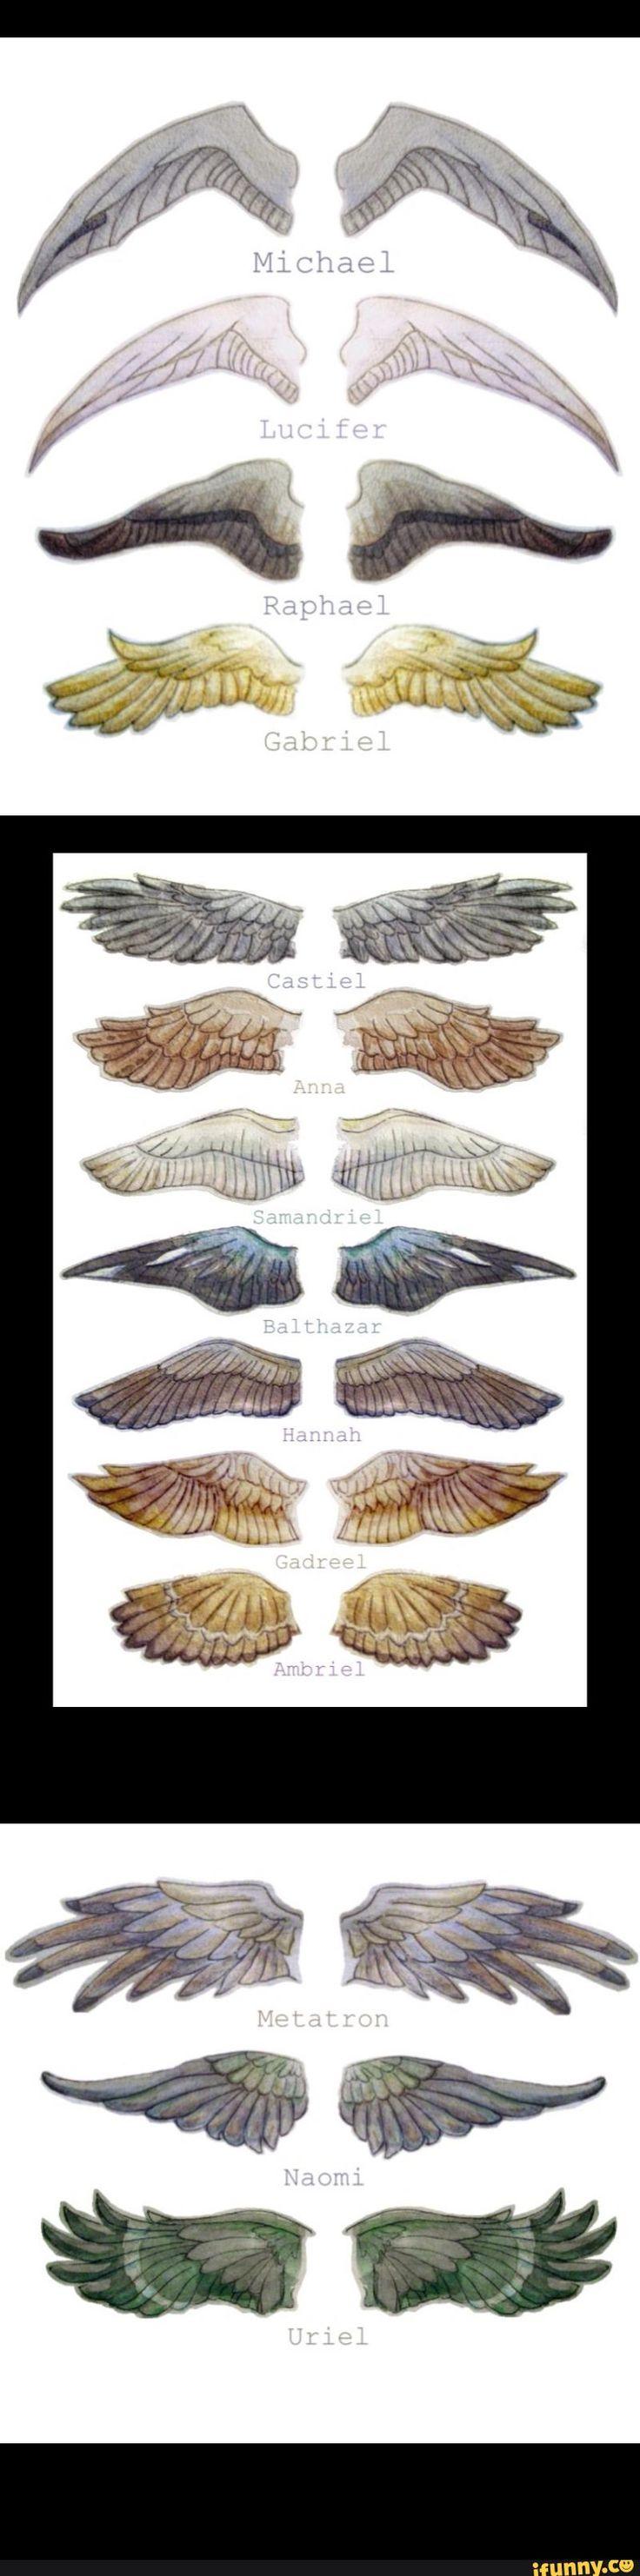 Supernatural angel wings